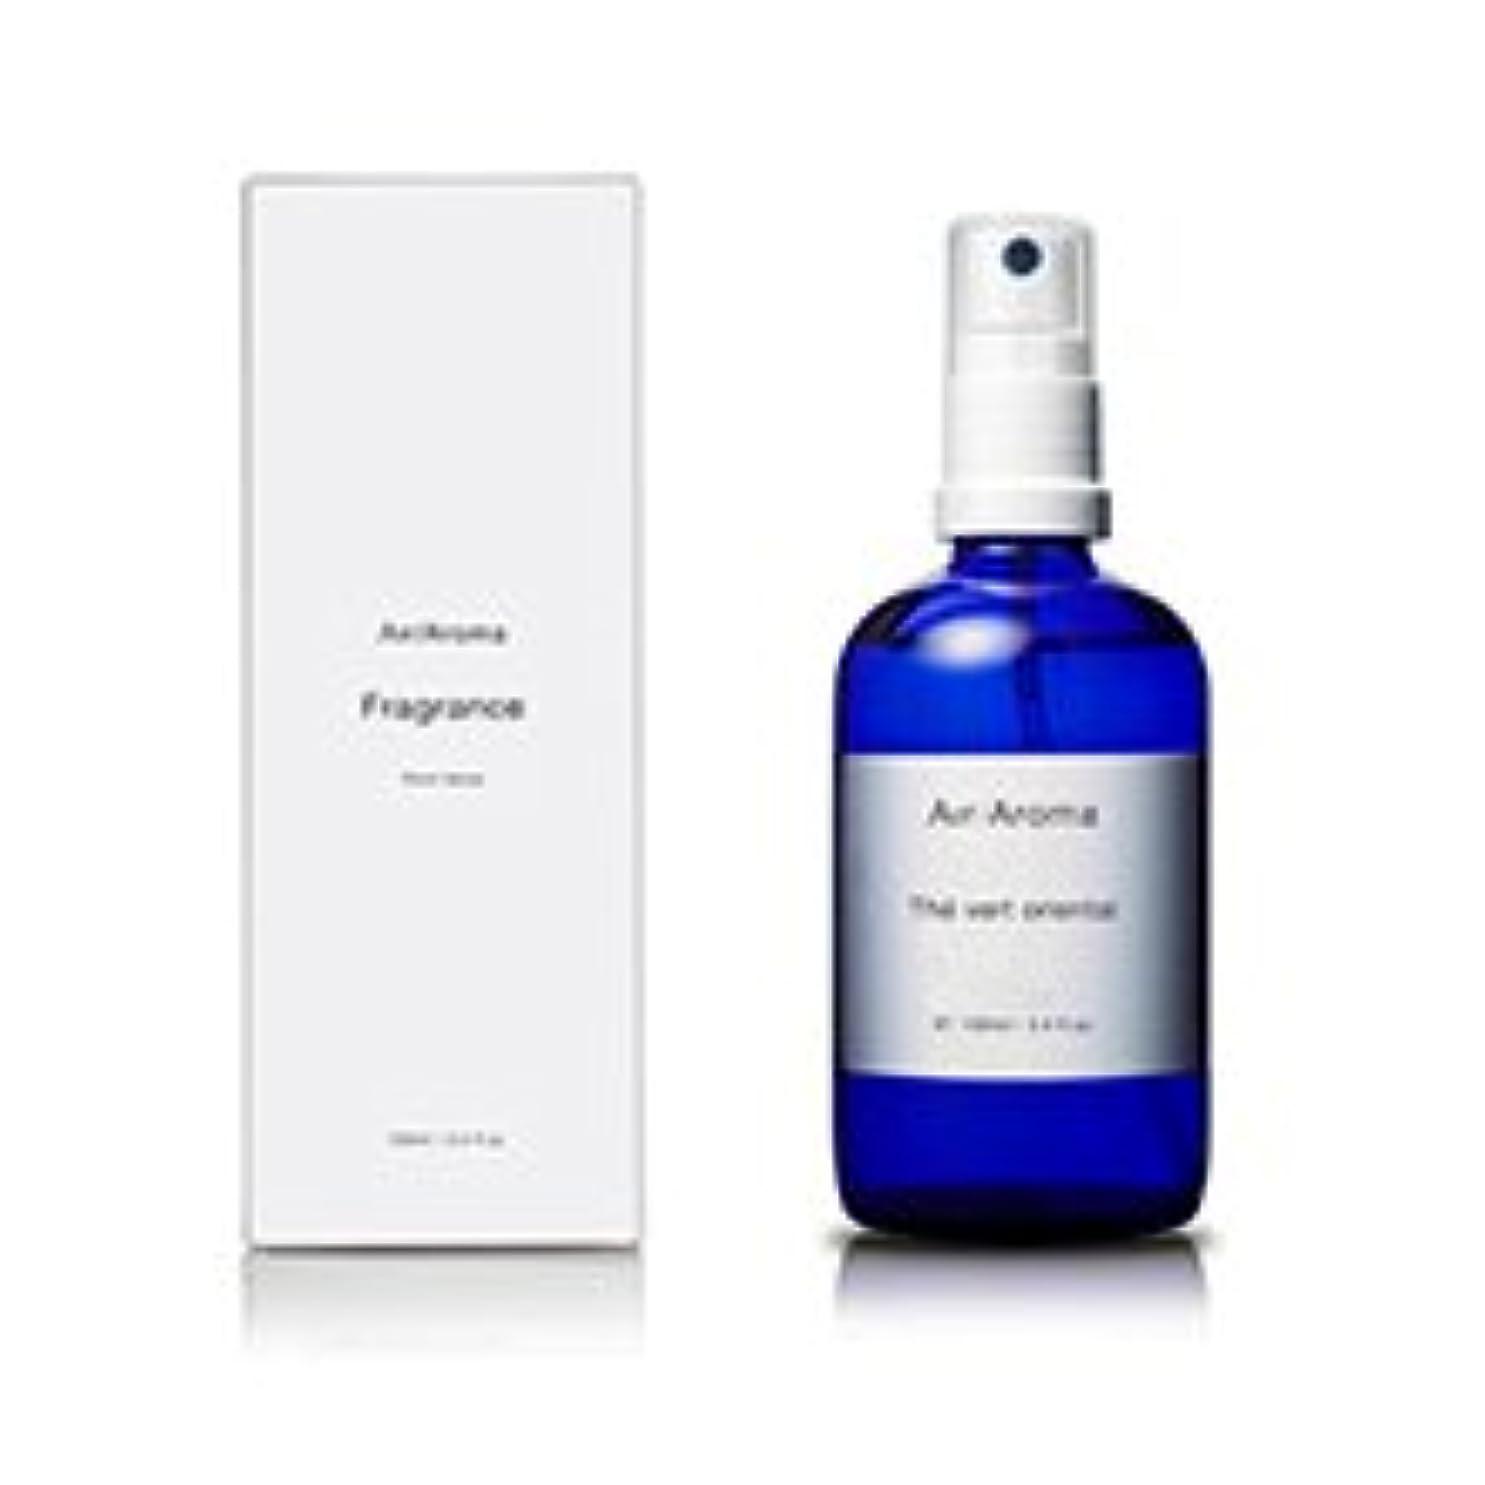 茎引き出し要旨エアアロマ the vert oriental room fragrance(テヴェールオリエンタル ルームフレグランス) 100ml